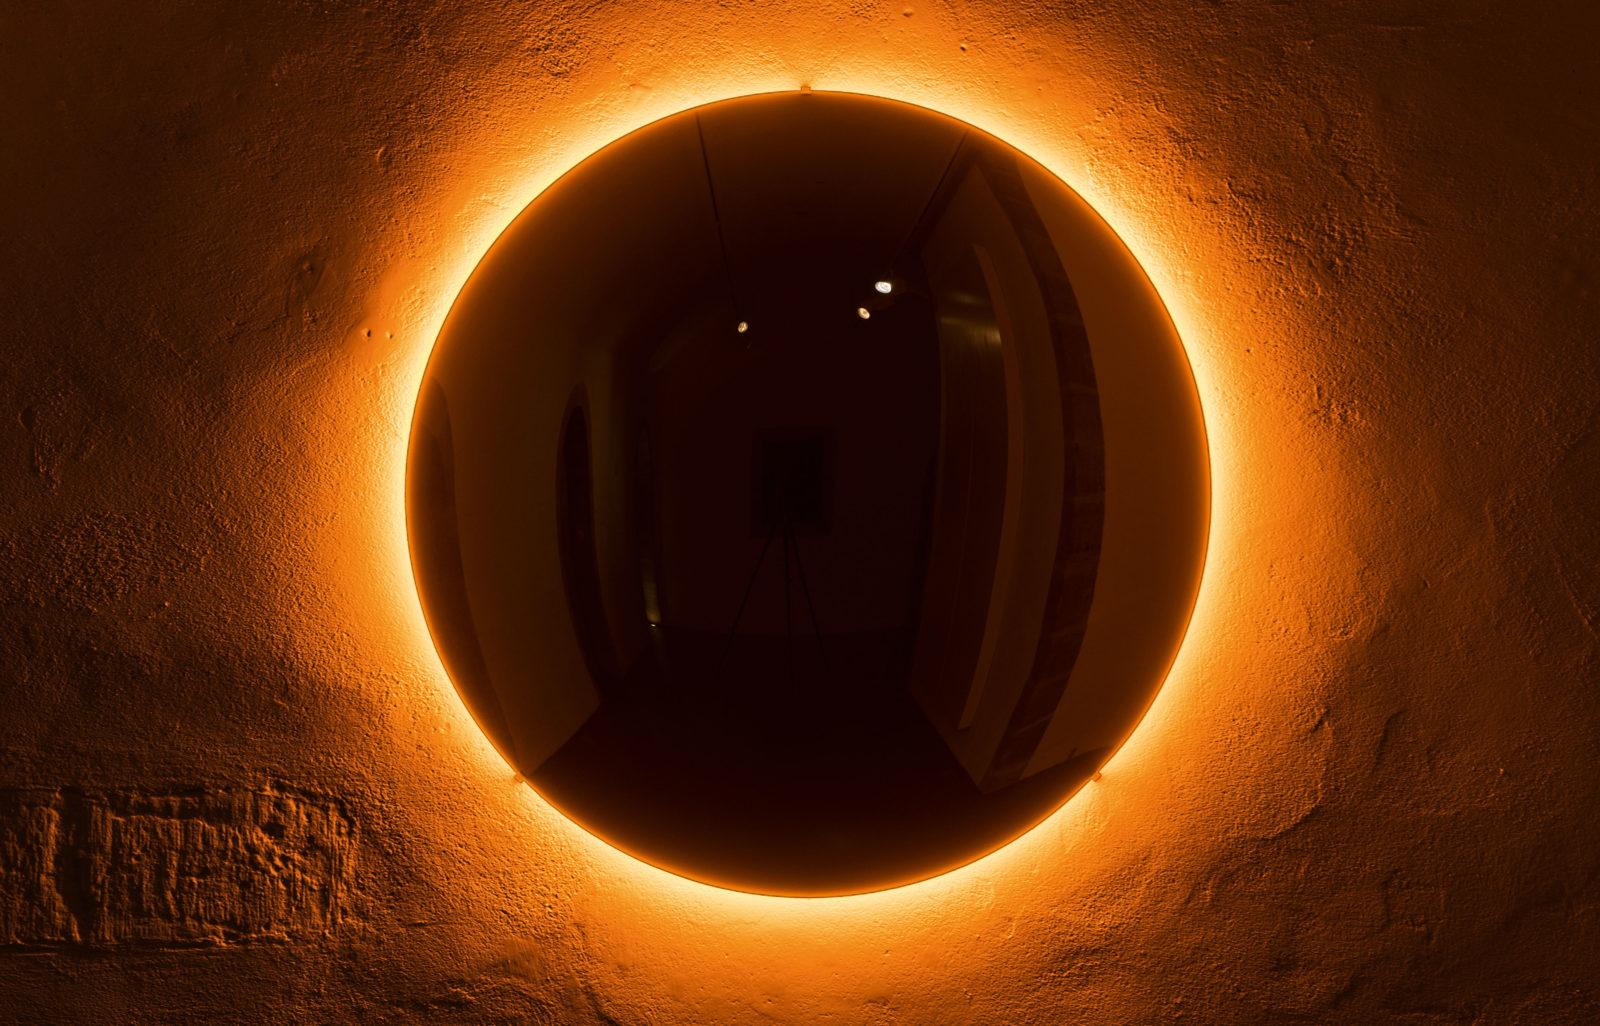 Olafur Eliasson, The Black Glass Sun, photo par Lucas Fascini, exposition objets définis par l'activité, espace muraille, genève, expo, art